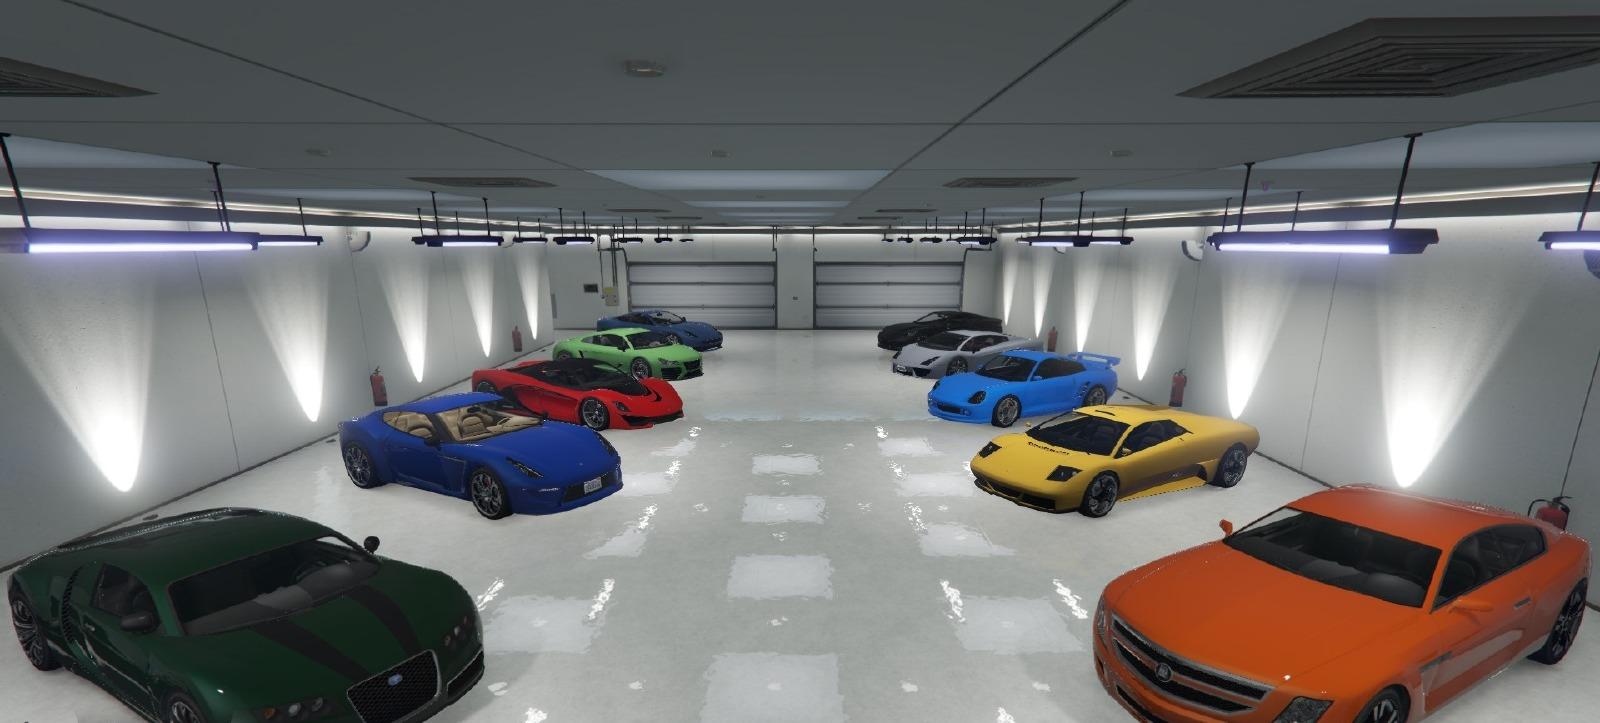 Как купить гараж в гта 5 одиночная гараж в самаре купить цена